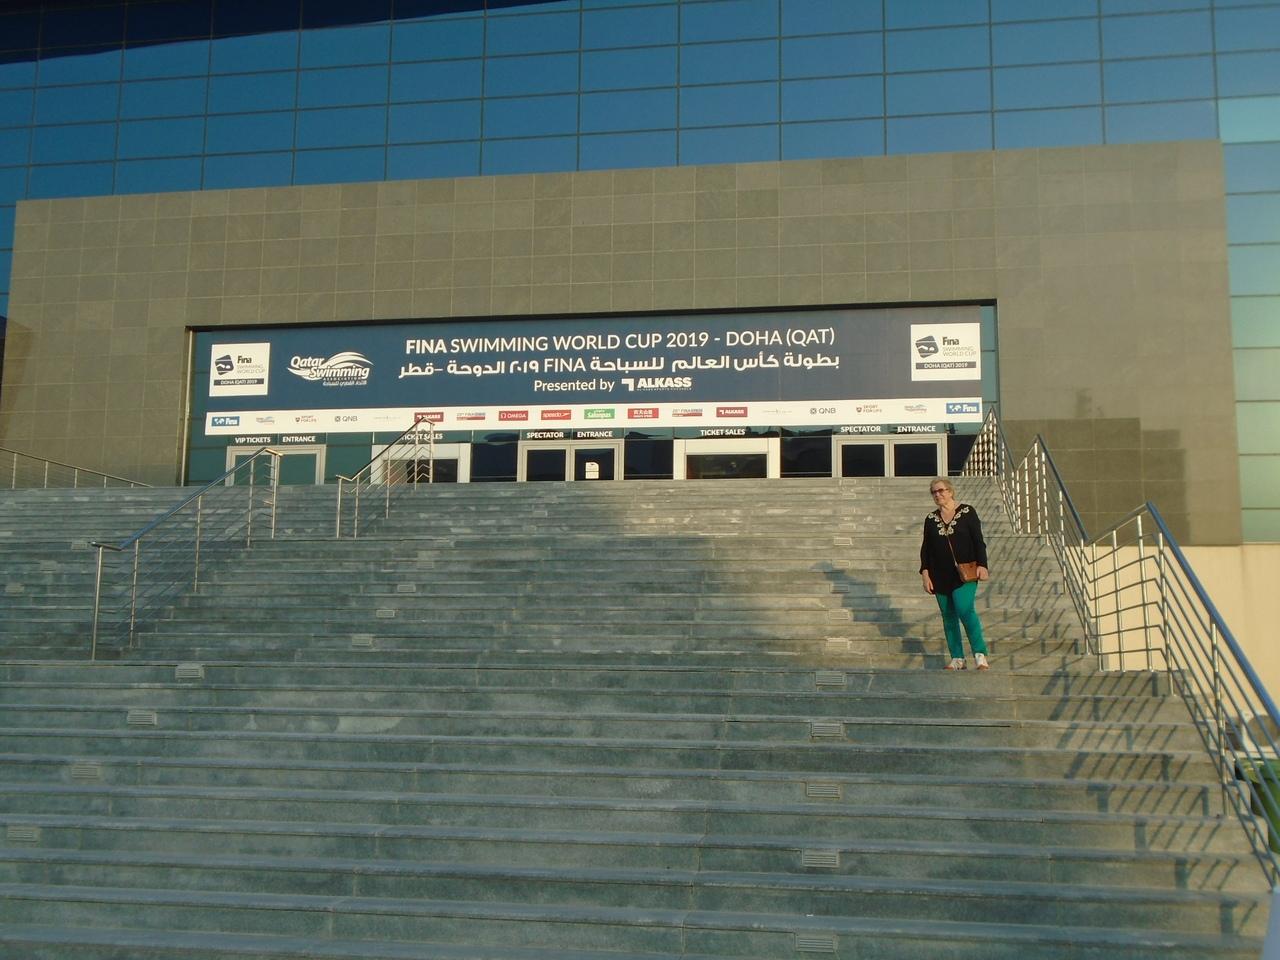 Доха: финал Кубка мира (FINA).